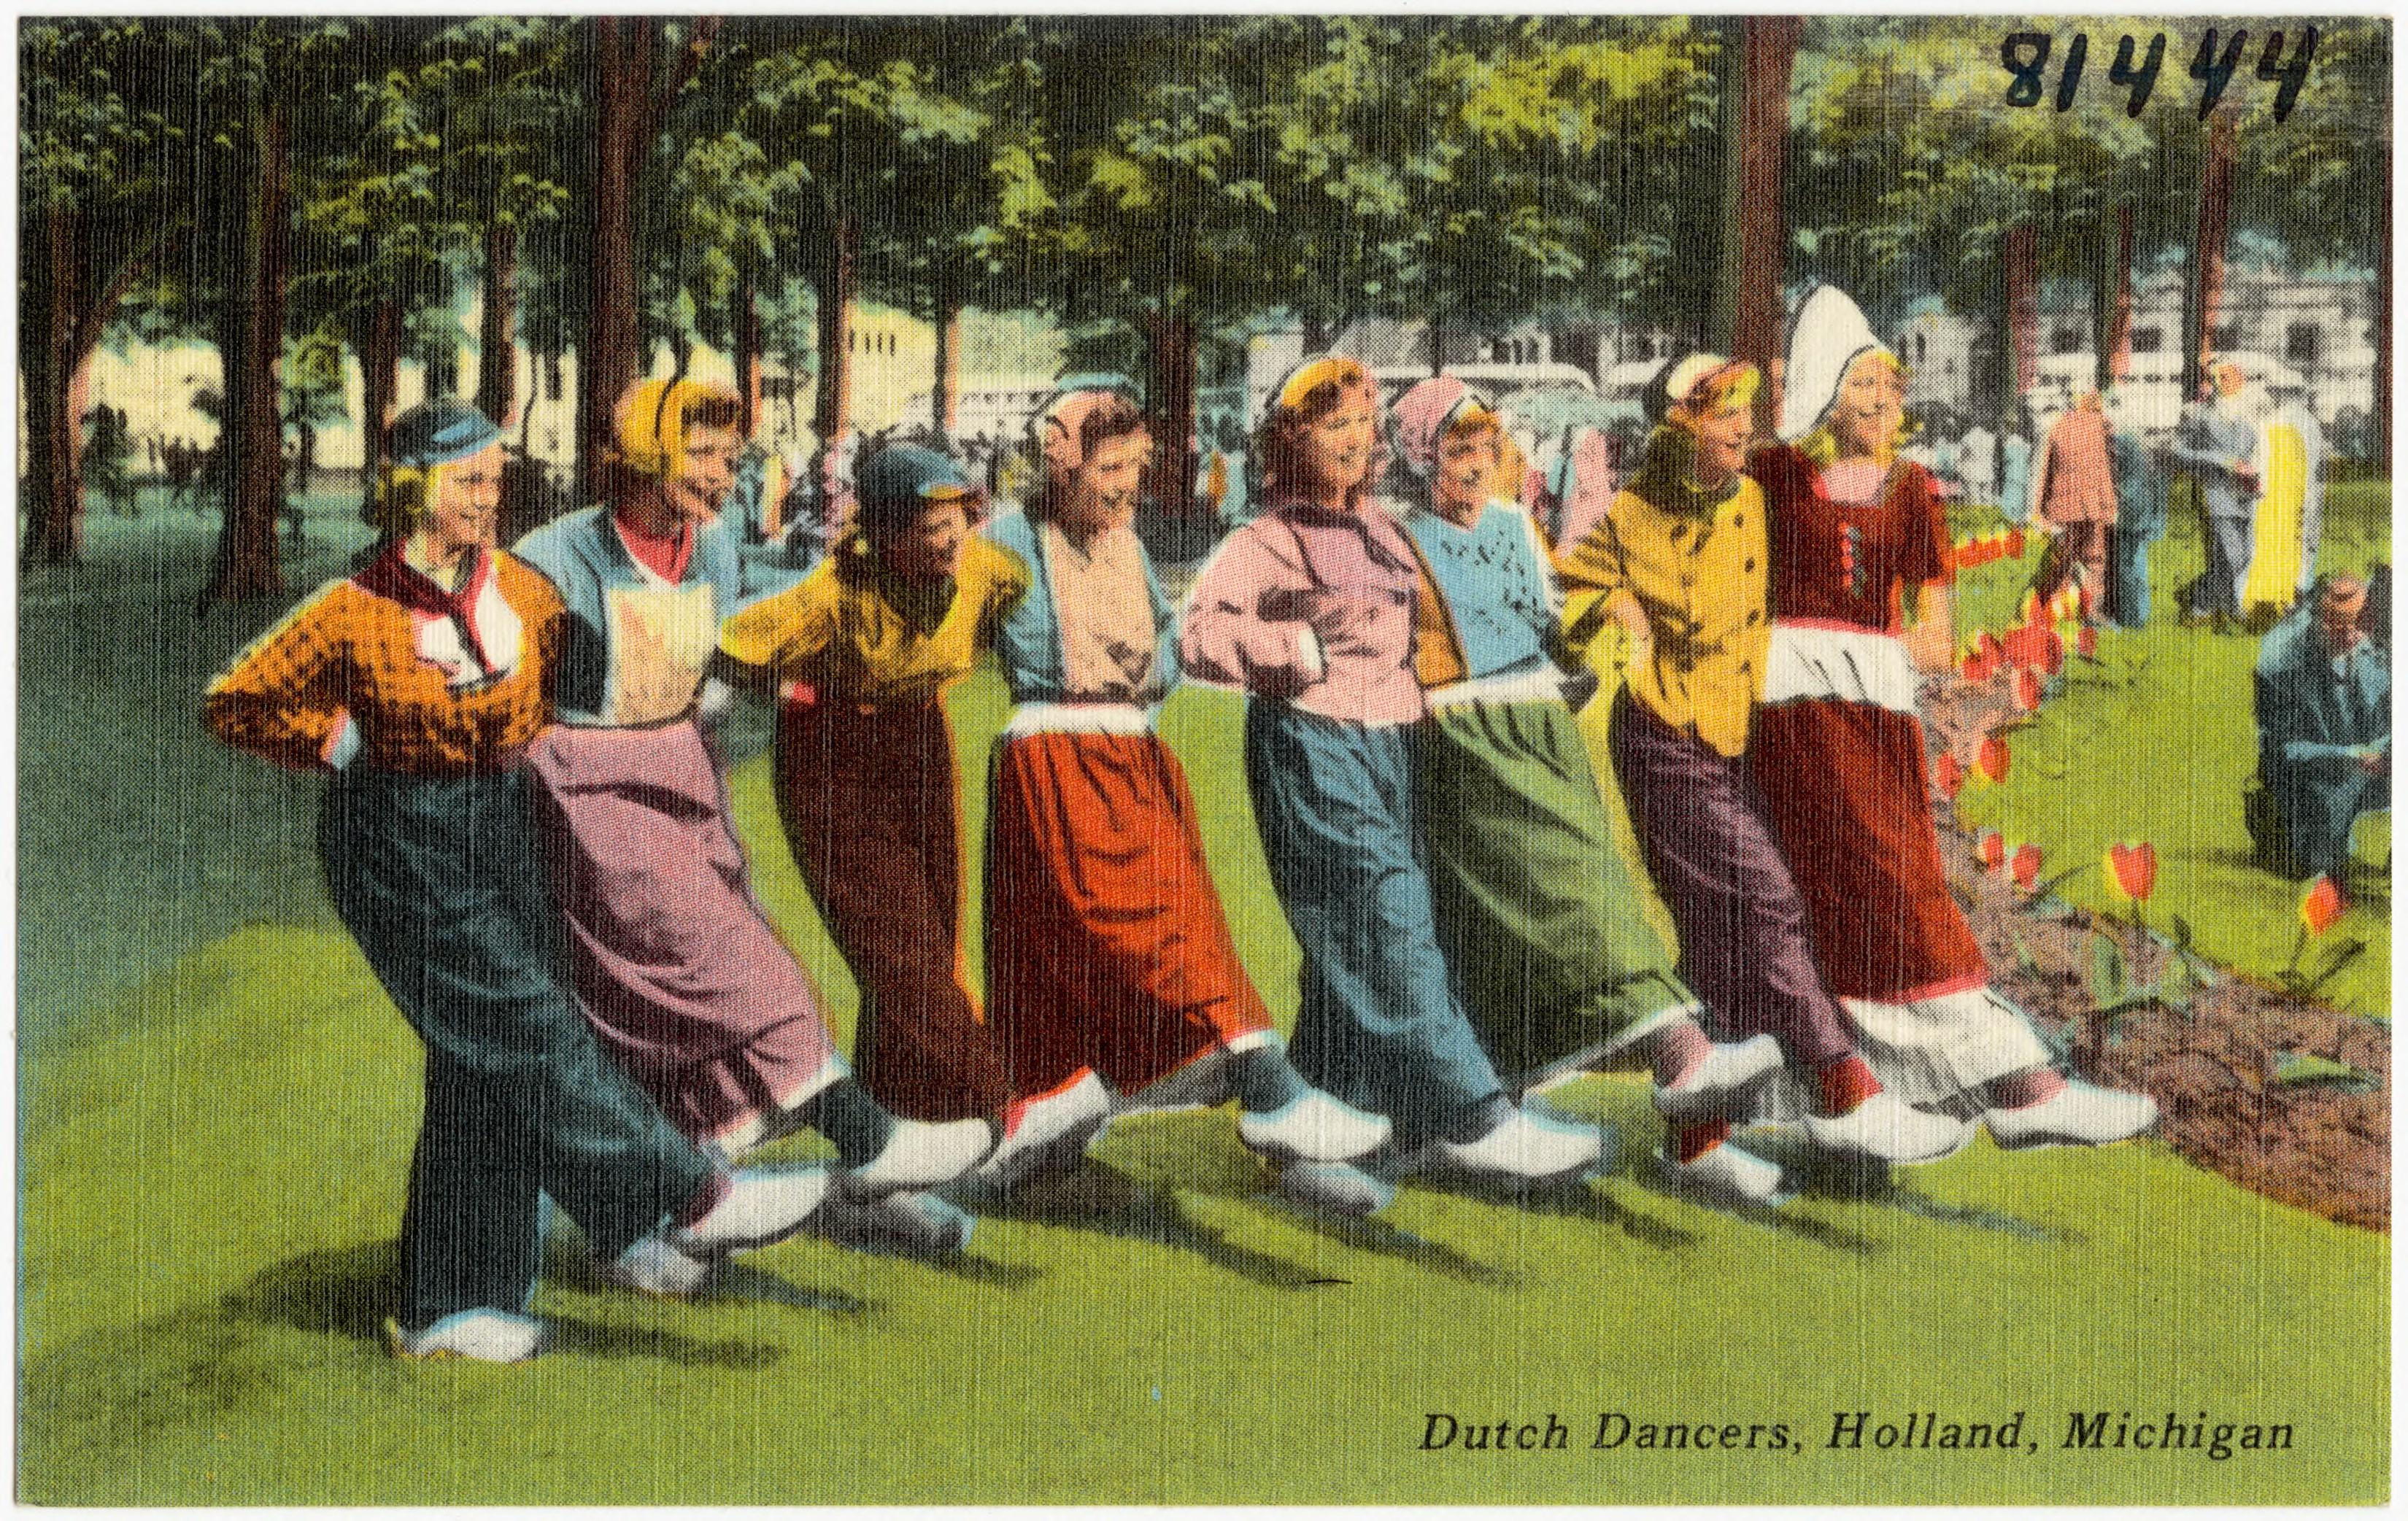 Dutch_Dancers,_Holland,_Michigan_(81444)